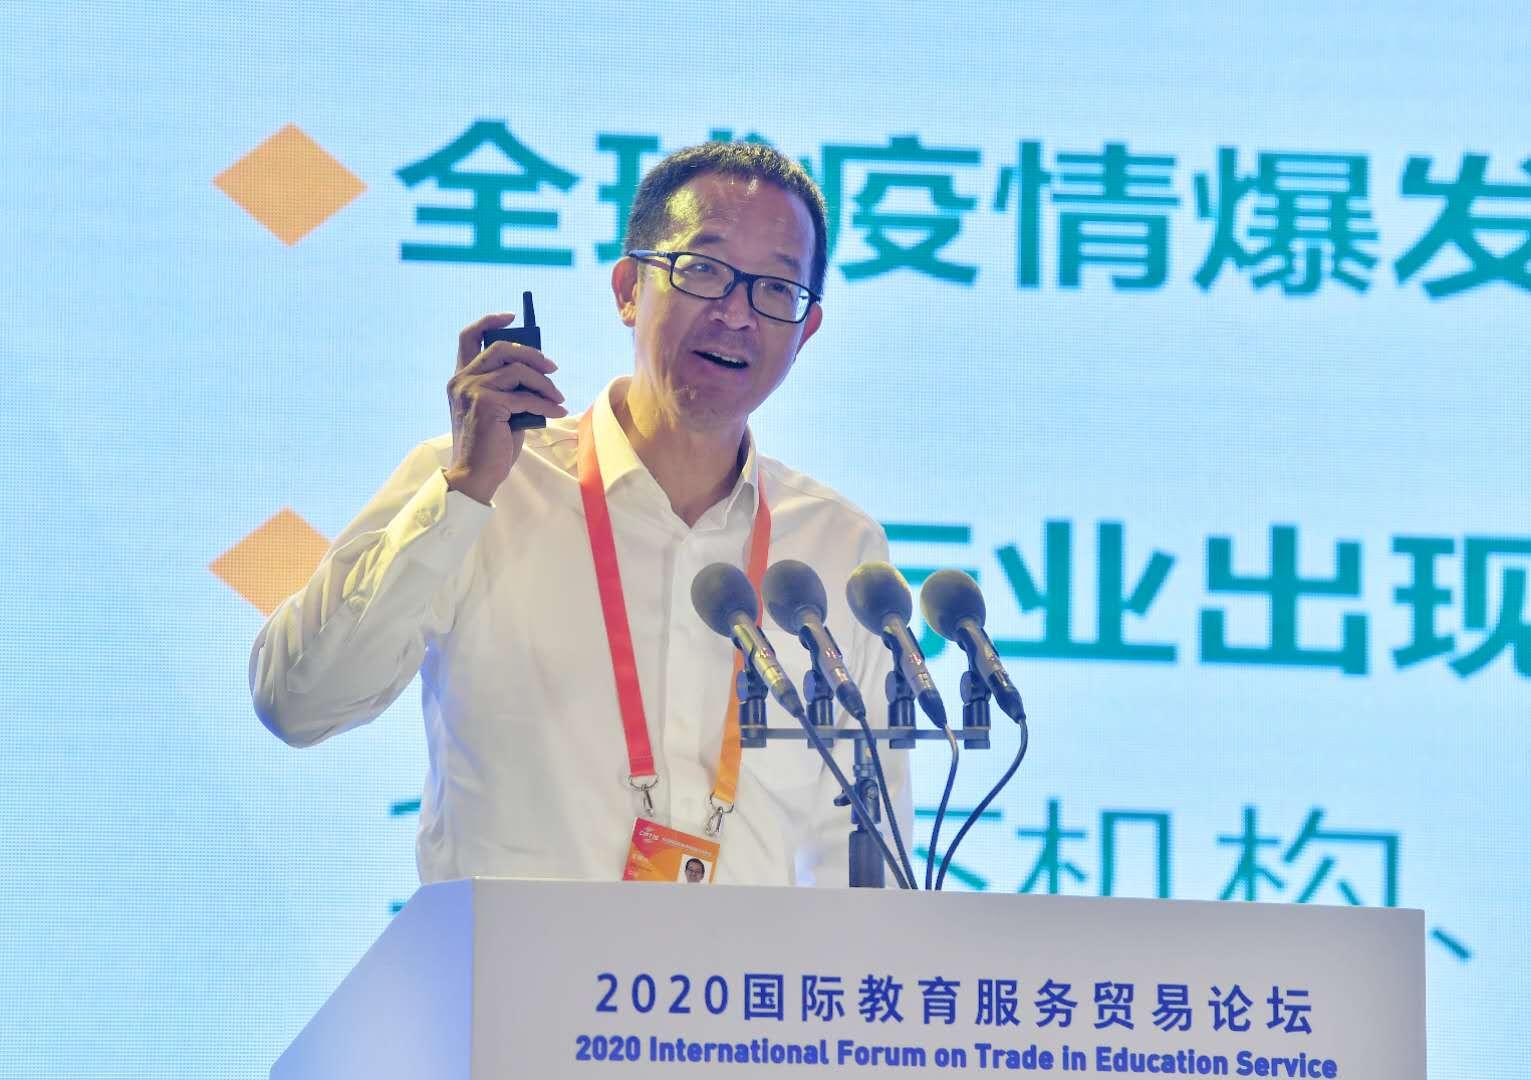 俞敏洪在国际教育服务贸易论坛上分享观点。 李木易摄